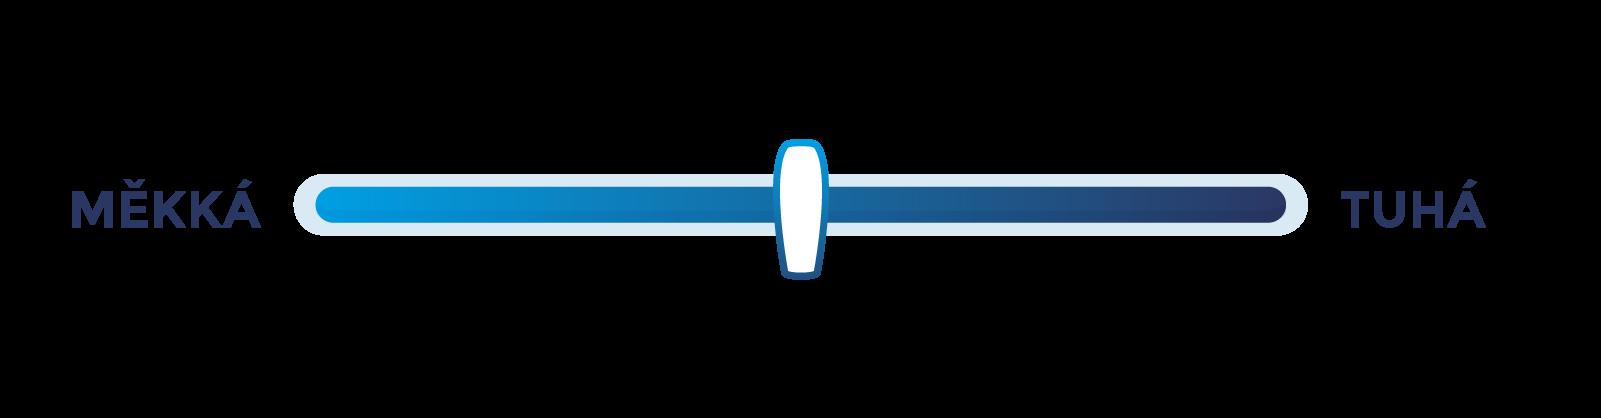 tuhost-matrace-skala-3